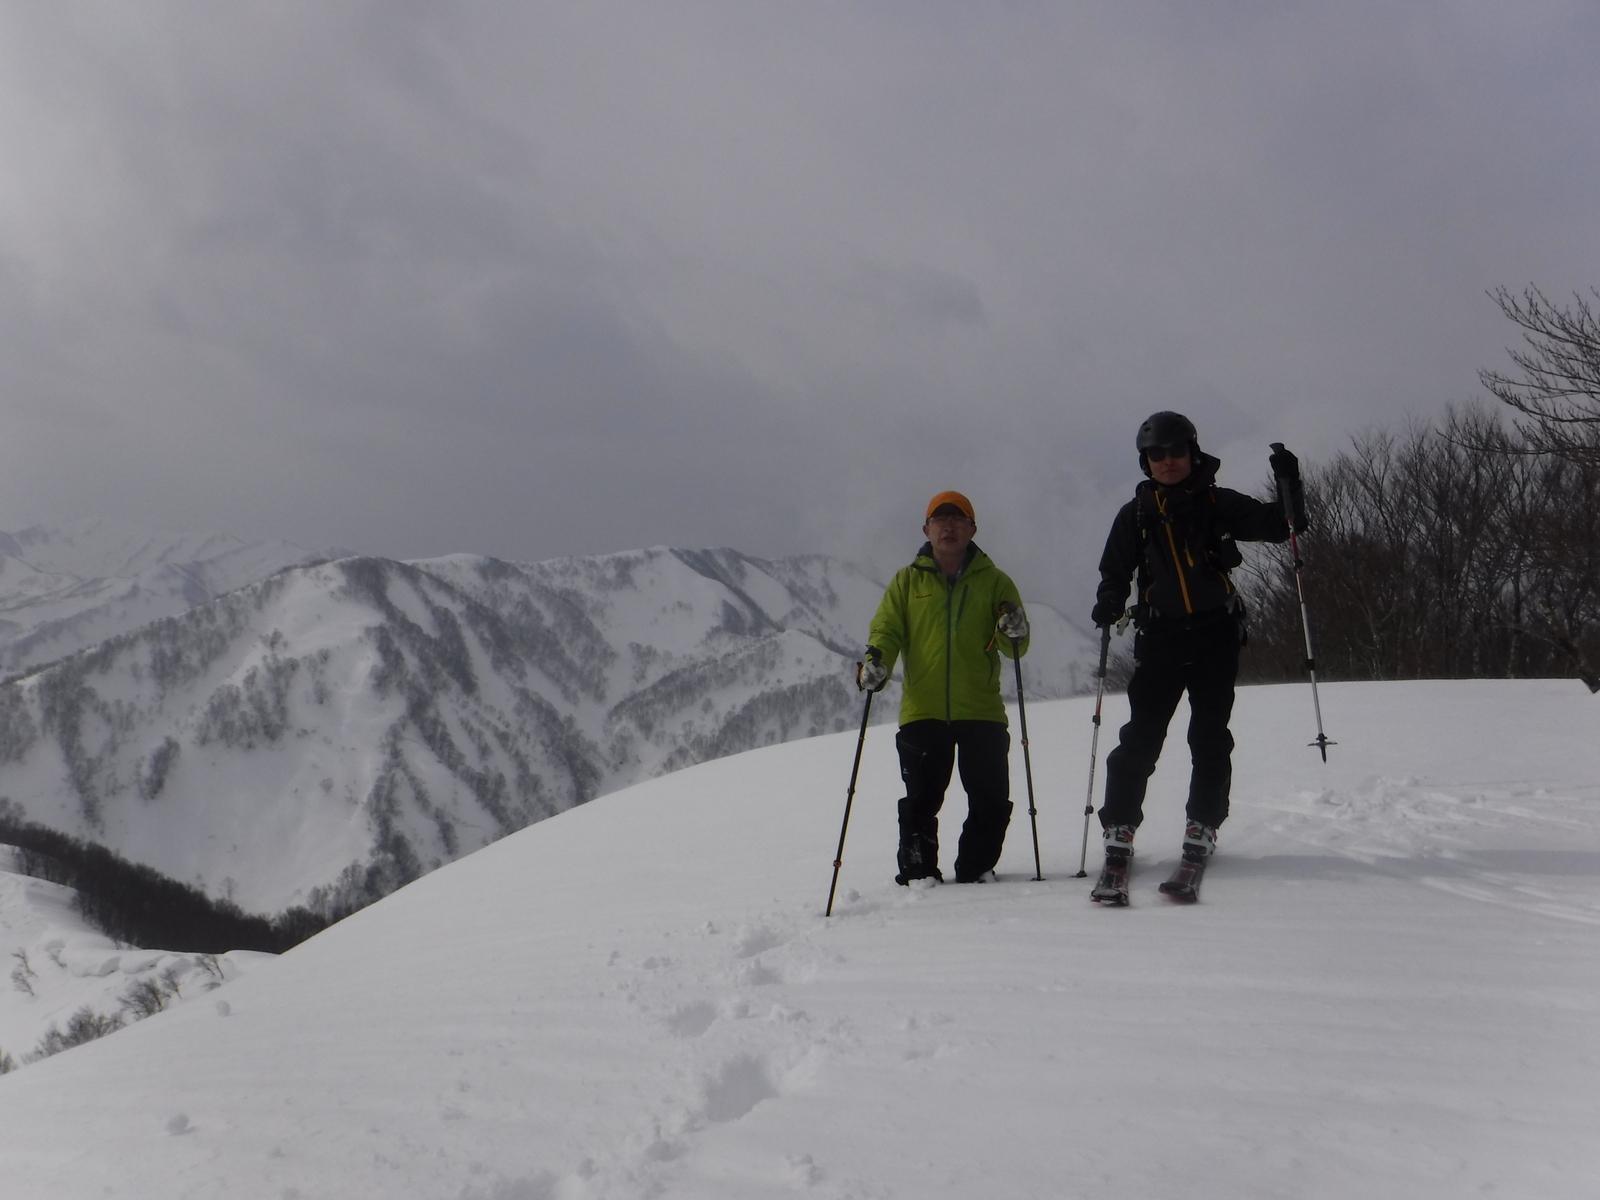 10:50 重倉山 1029m、山頂南側は雪庇